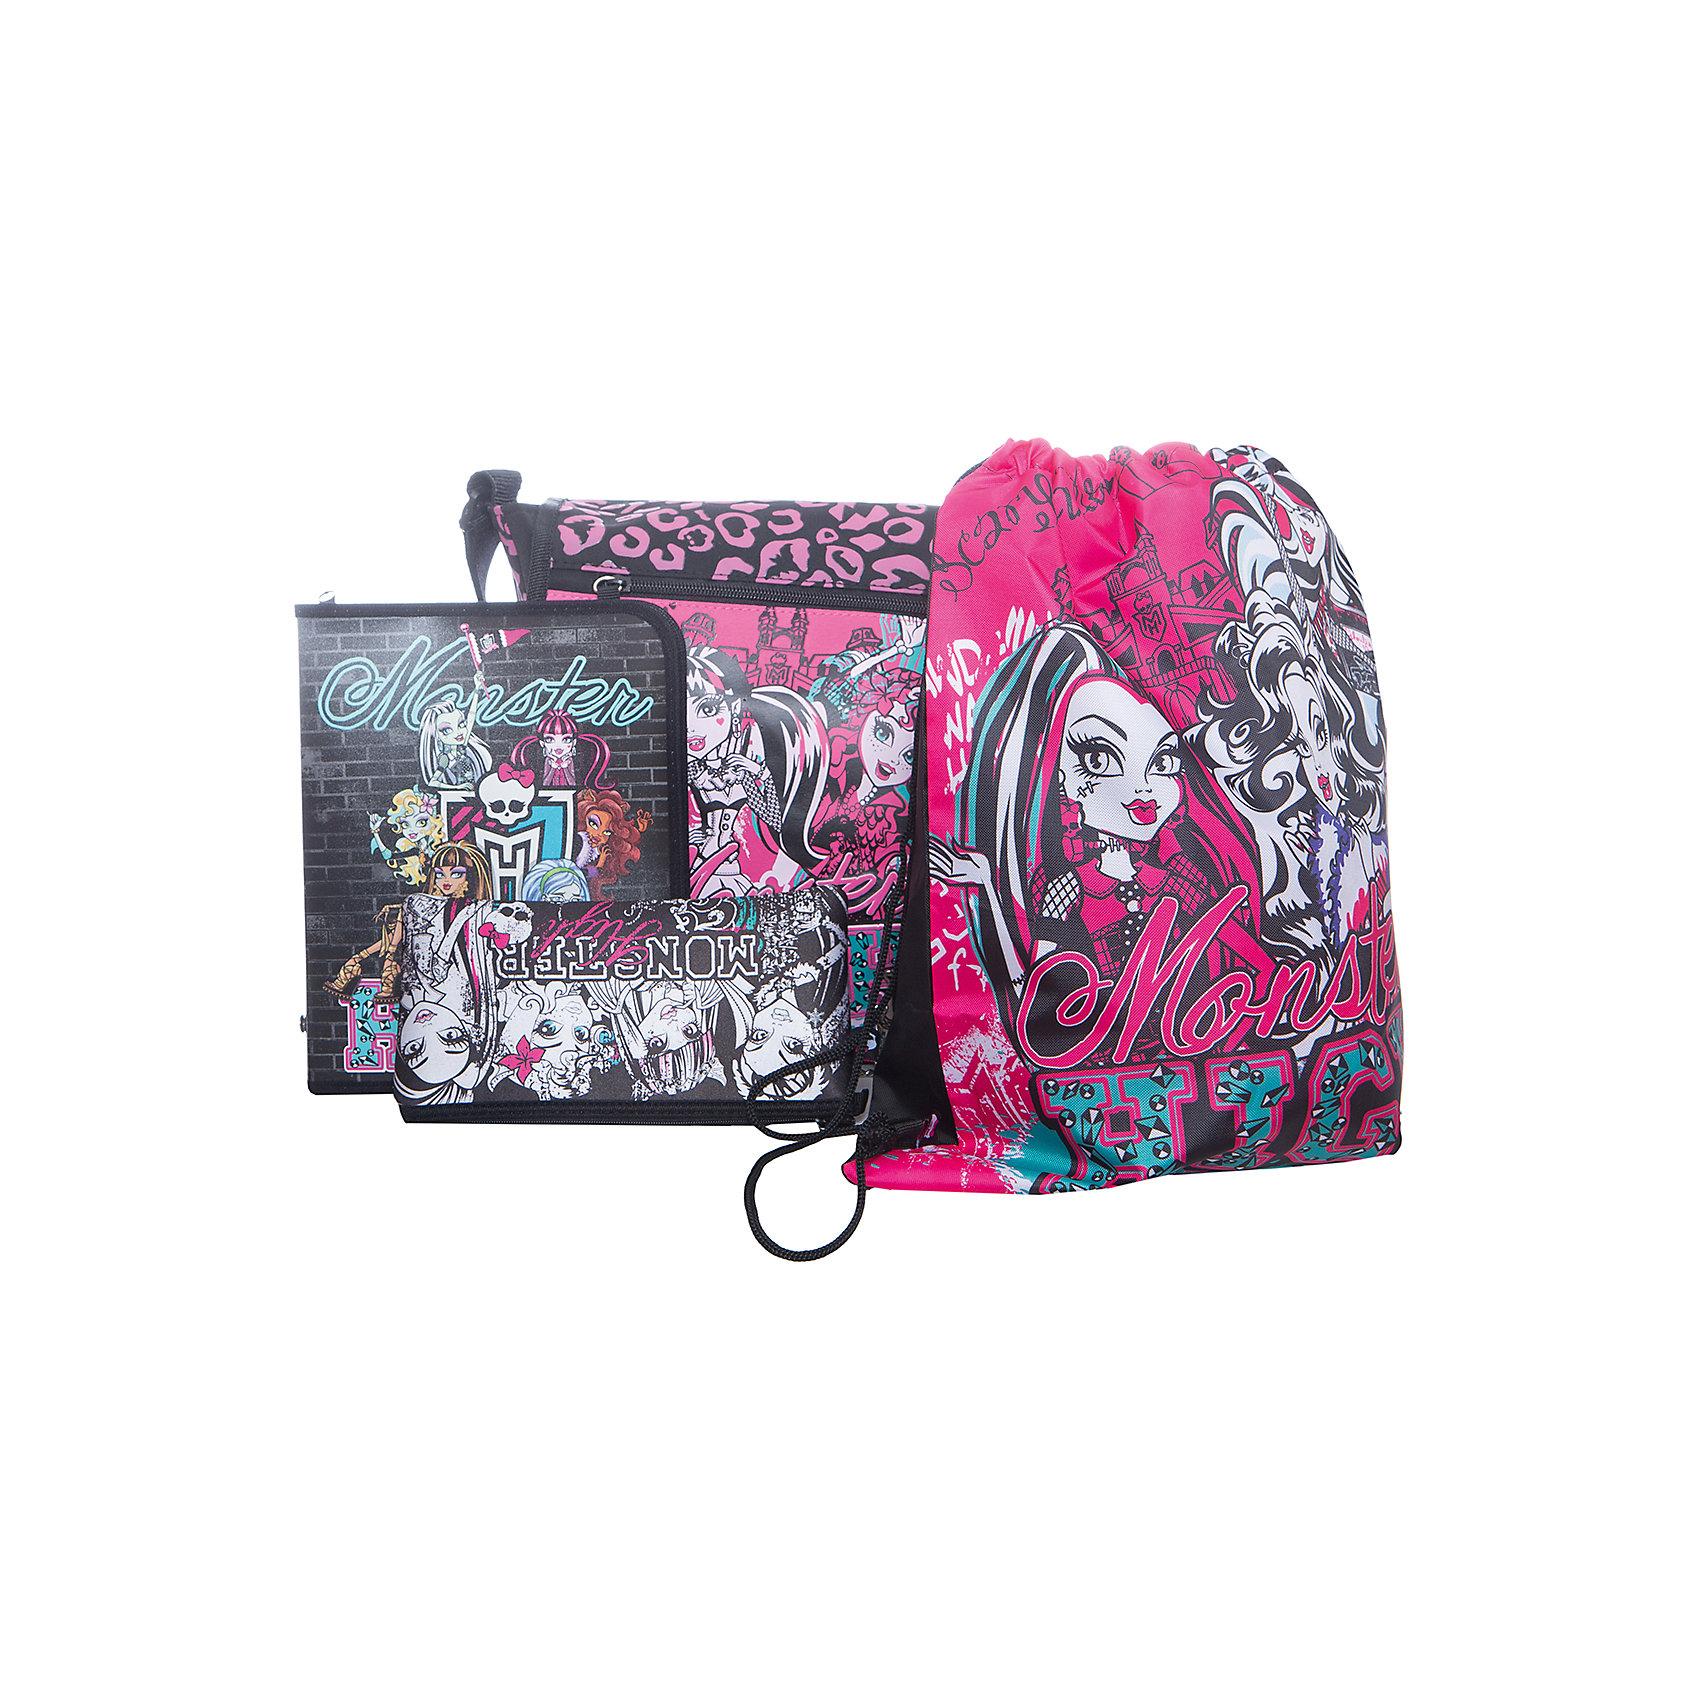 Академия групп Подарочный набор с пеналом, Monster High набор для рисования monster high с фломастерами